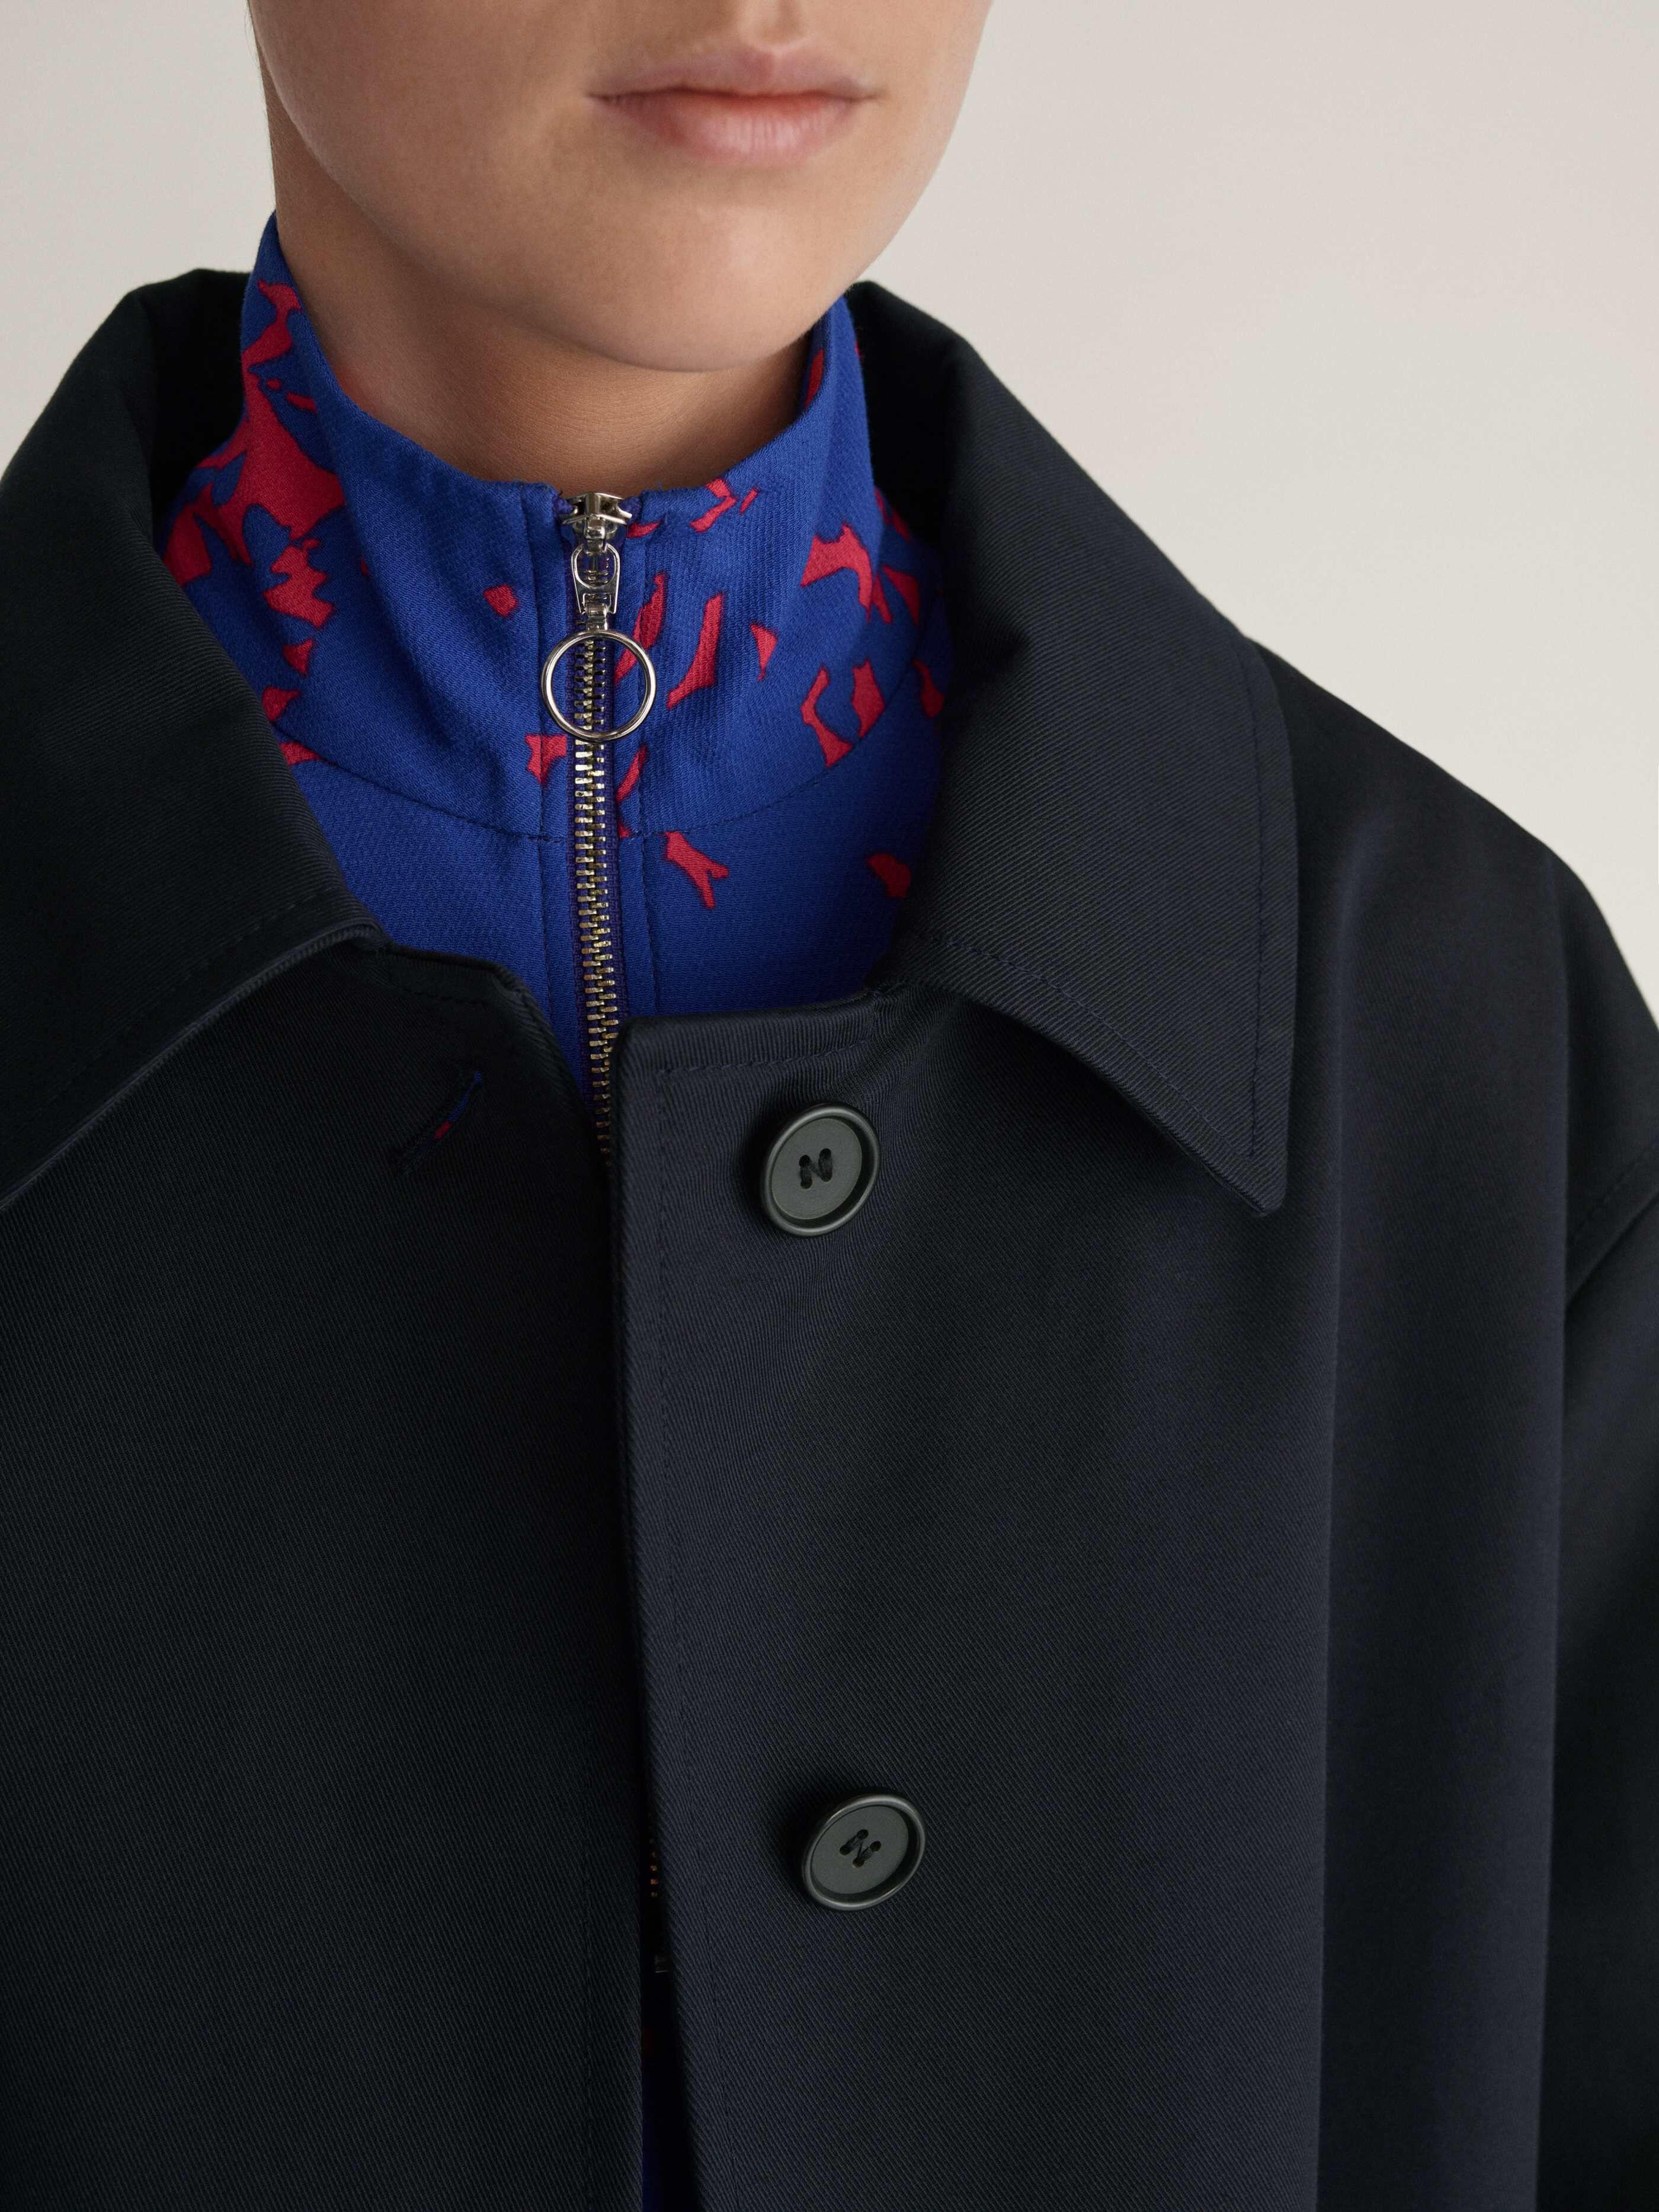 Endem Coat Buy Women online